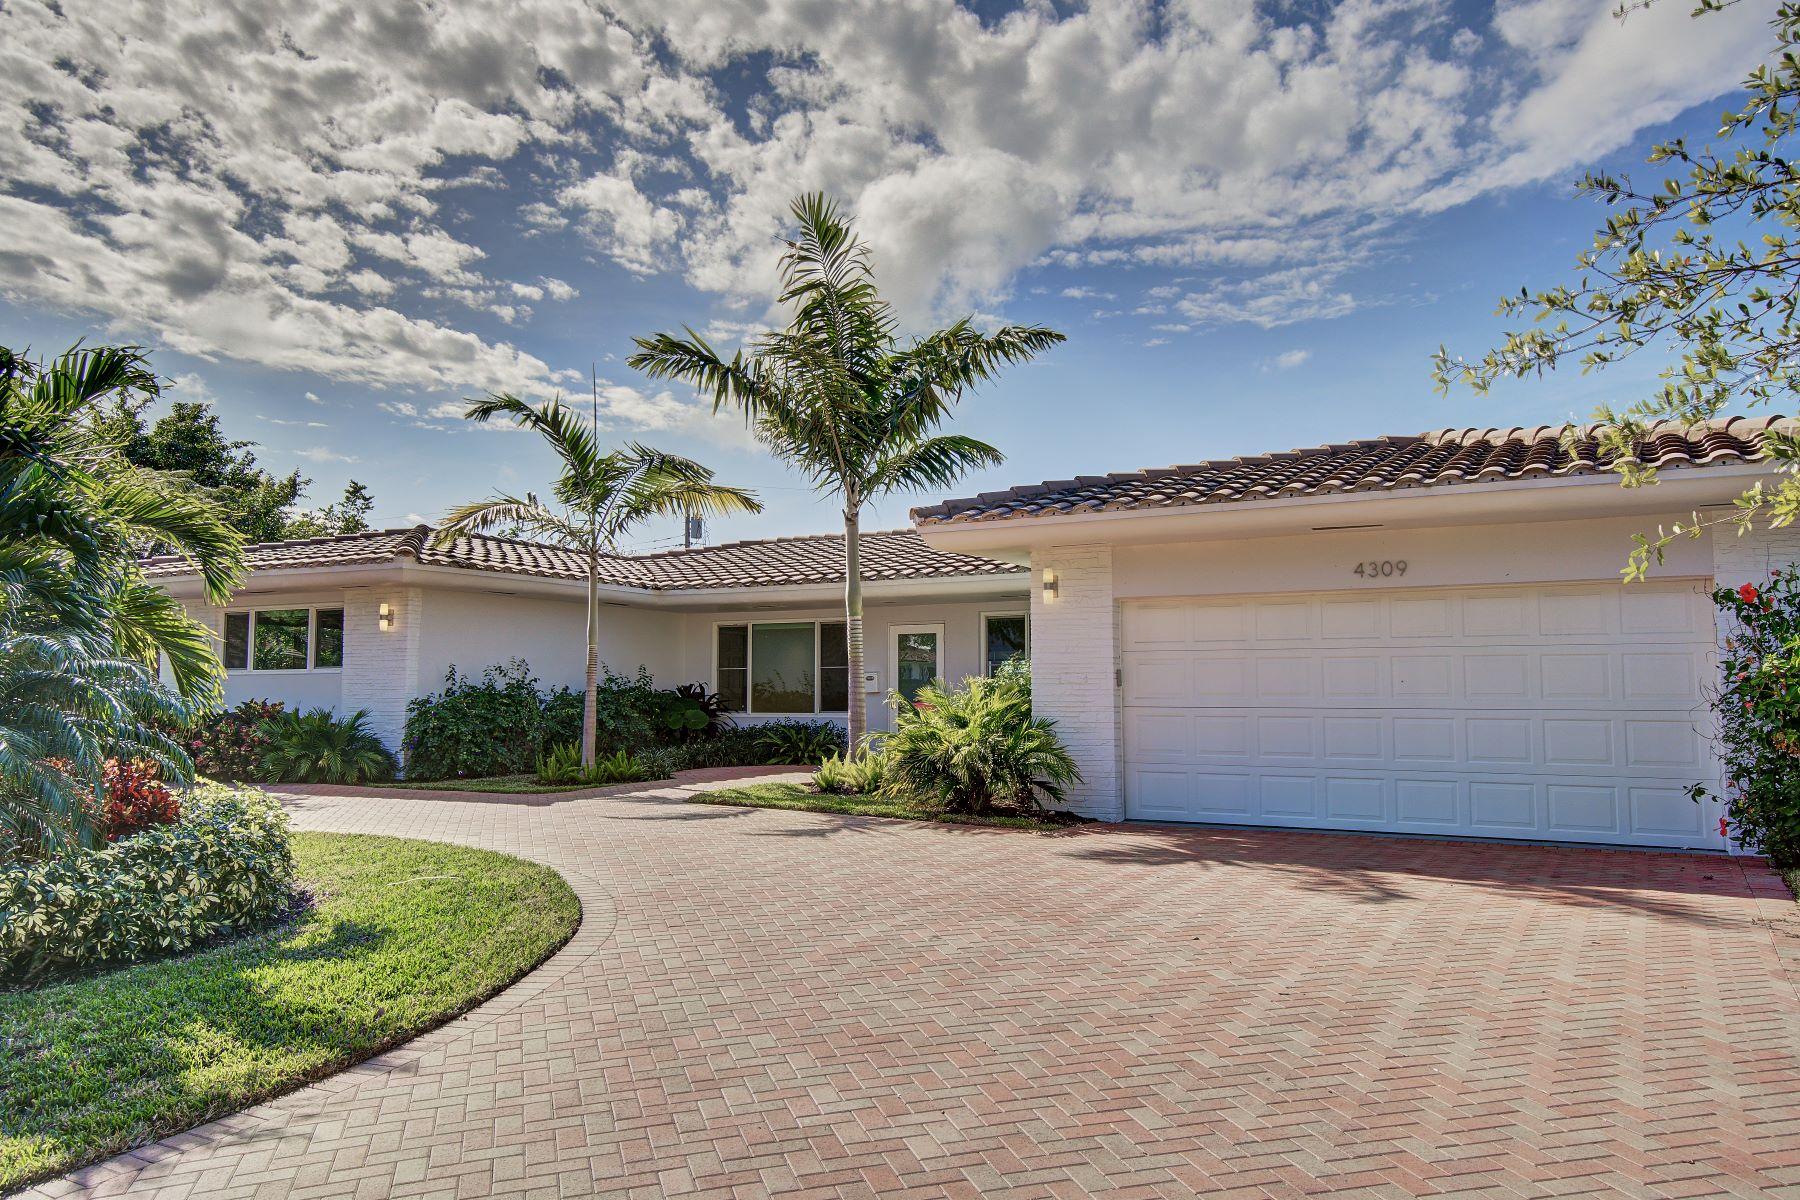 独户住宅 为 销售 在 4309 Ne 22nd Ave 劳德代尔堡, 佛罗里达州, 33308 美国